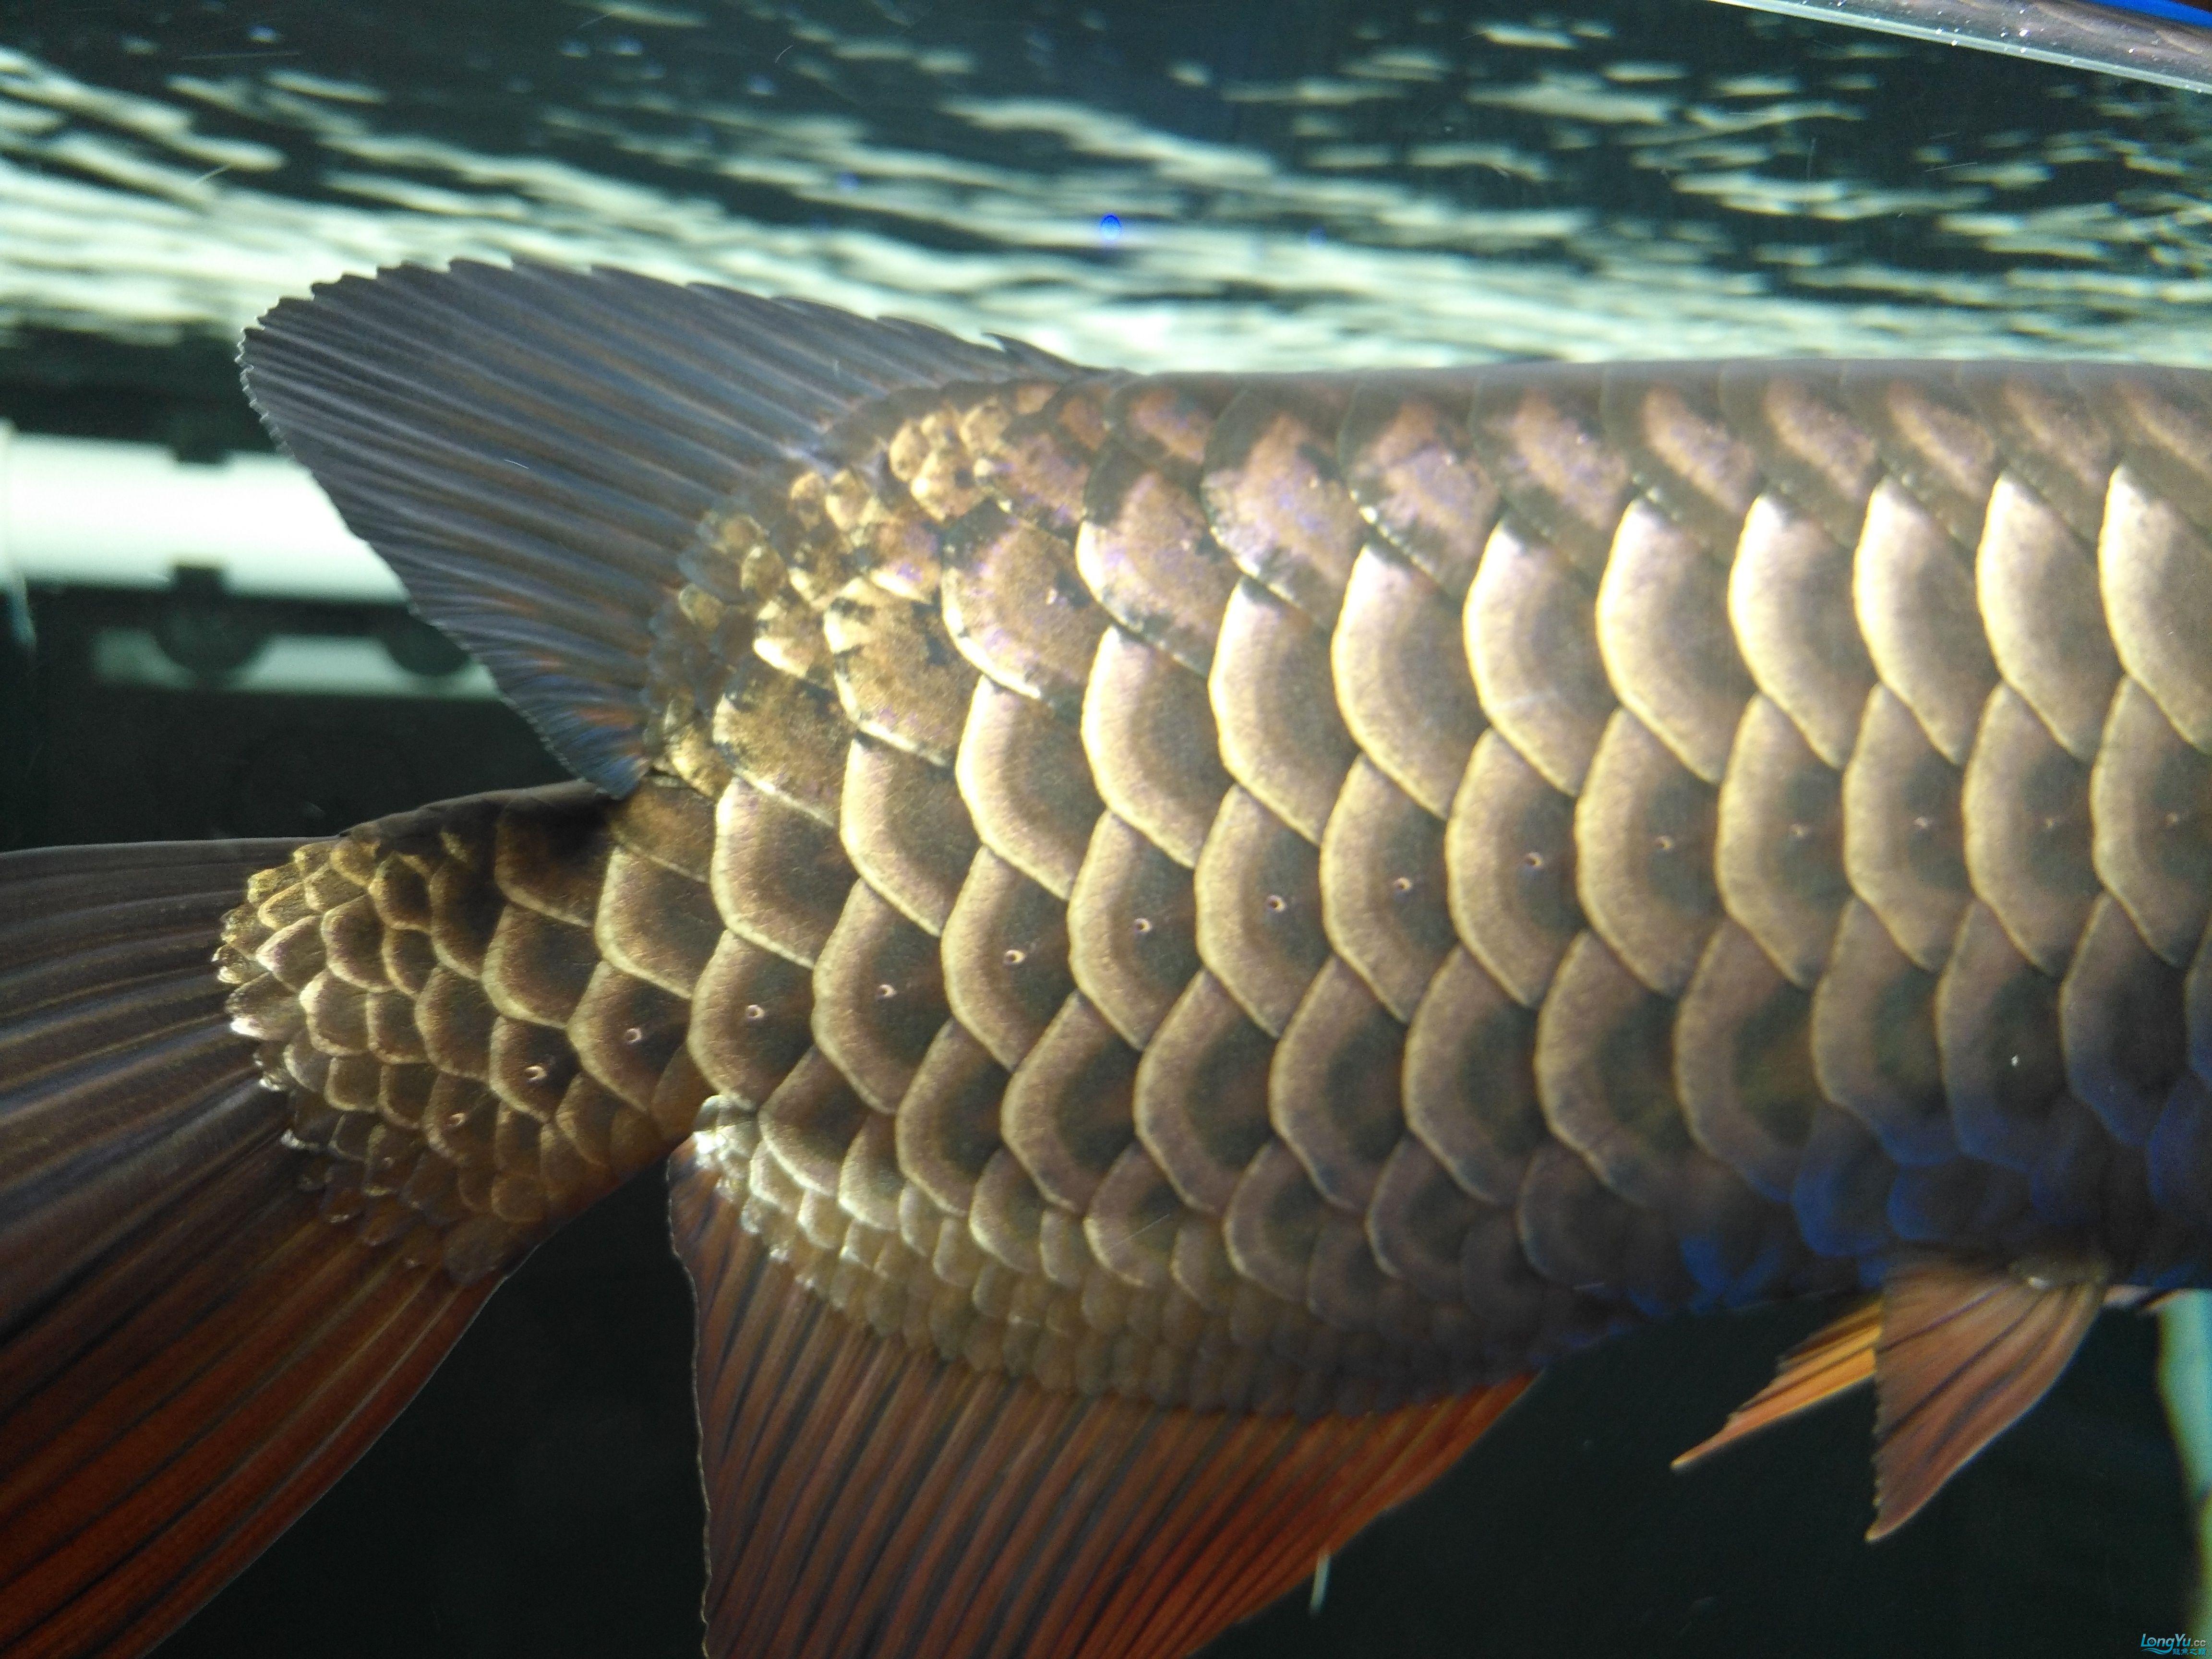 龙鱼终于开食了 西宁龙鱼论坛 西宁龙鱼第2张